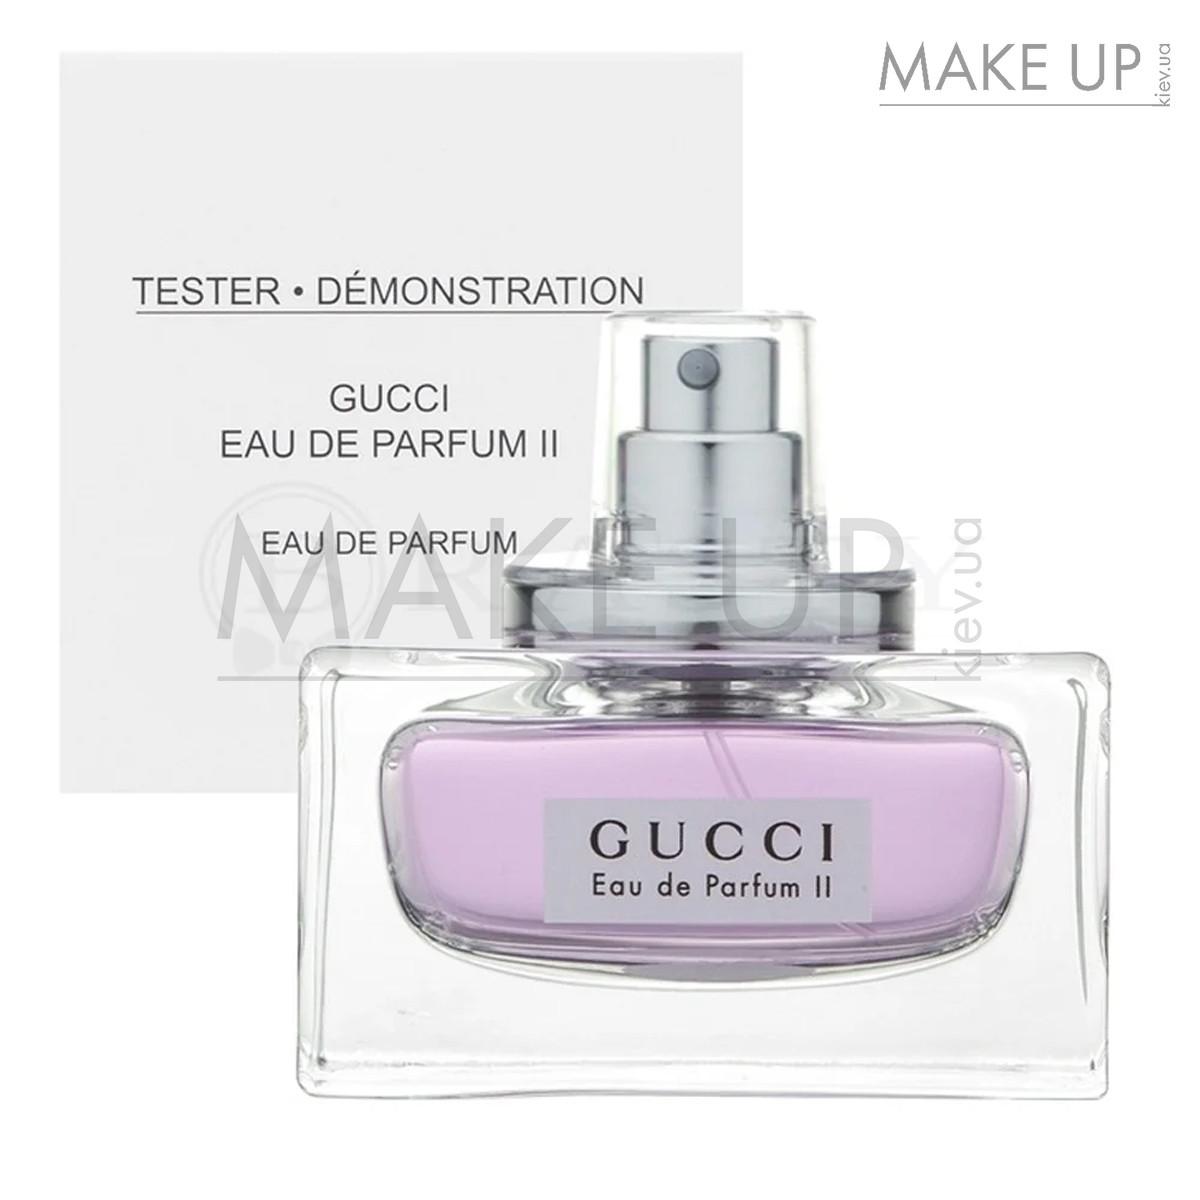 Tester женская парфюмированная вода Gucci Eau de Parfum 2 edp 75 мл. | Лиц.  ОАЭ Тестер